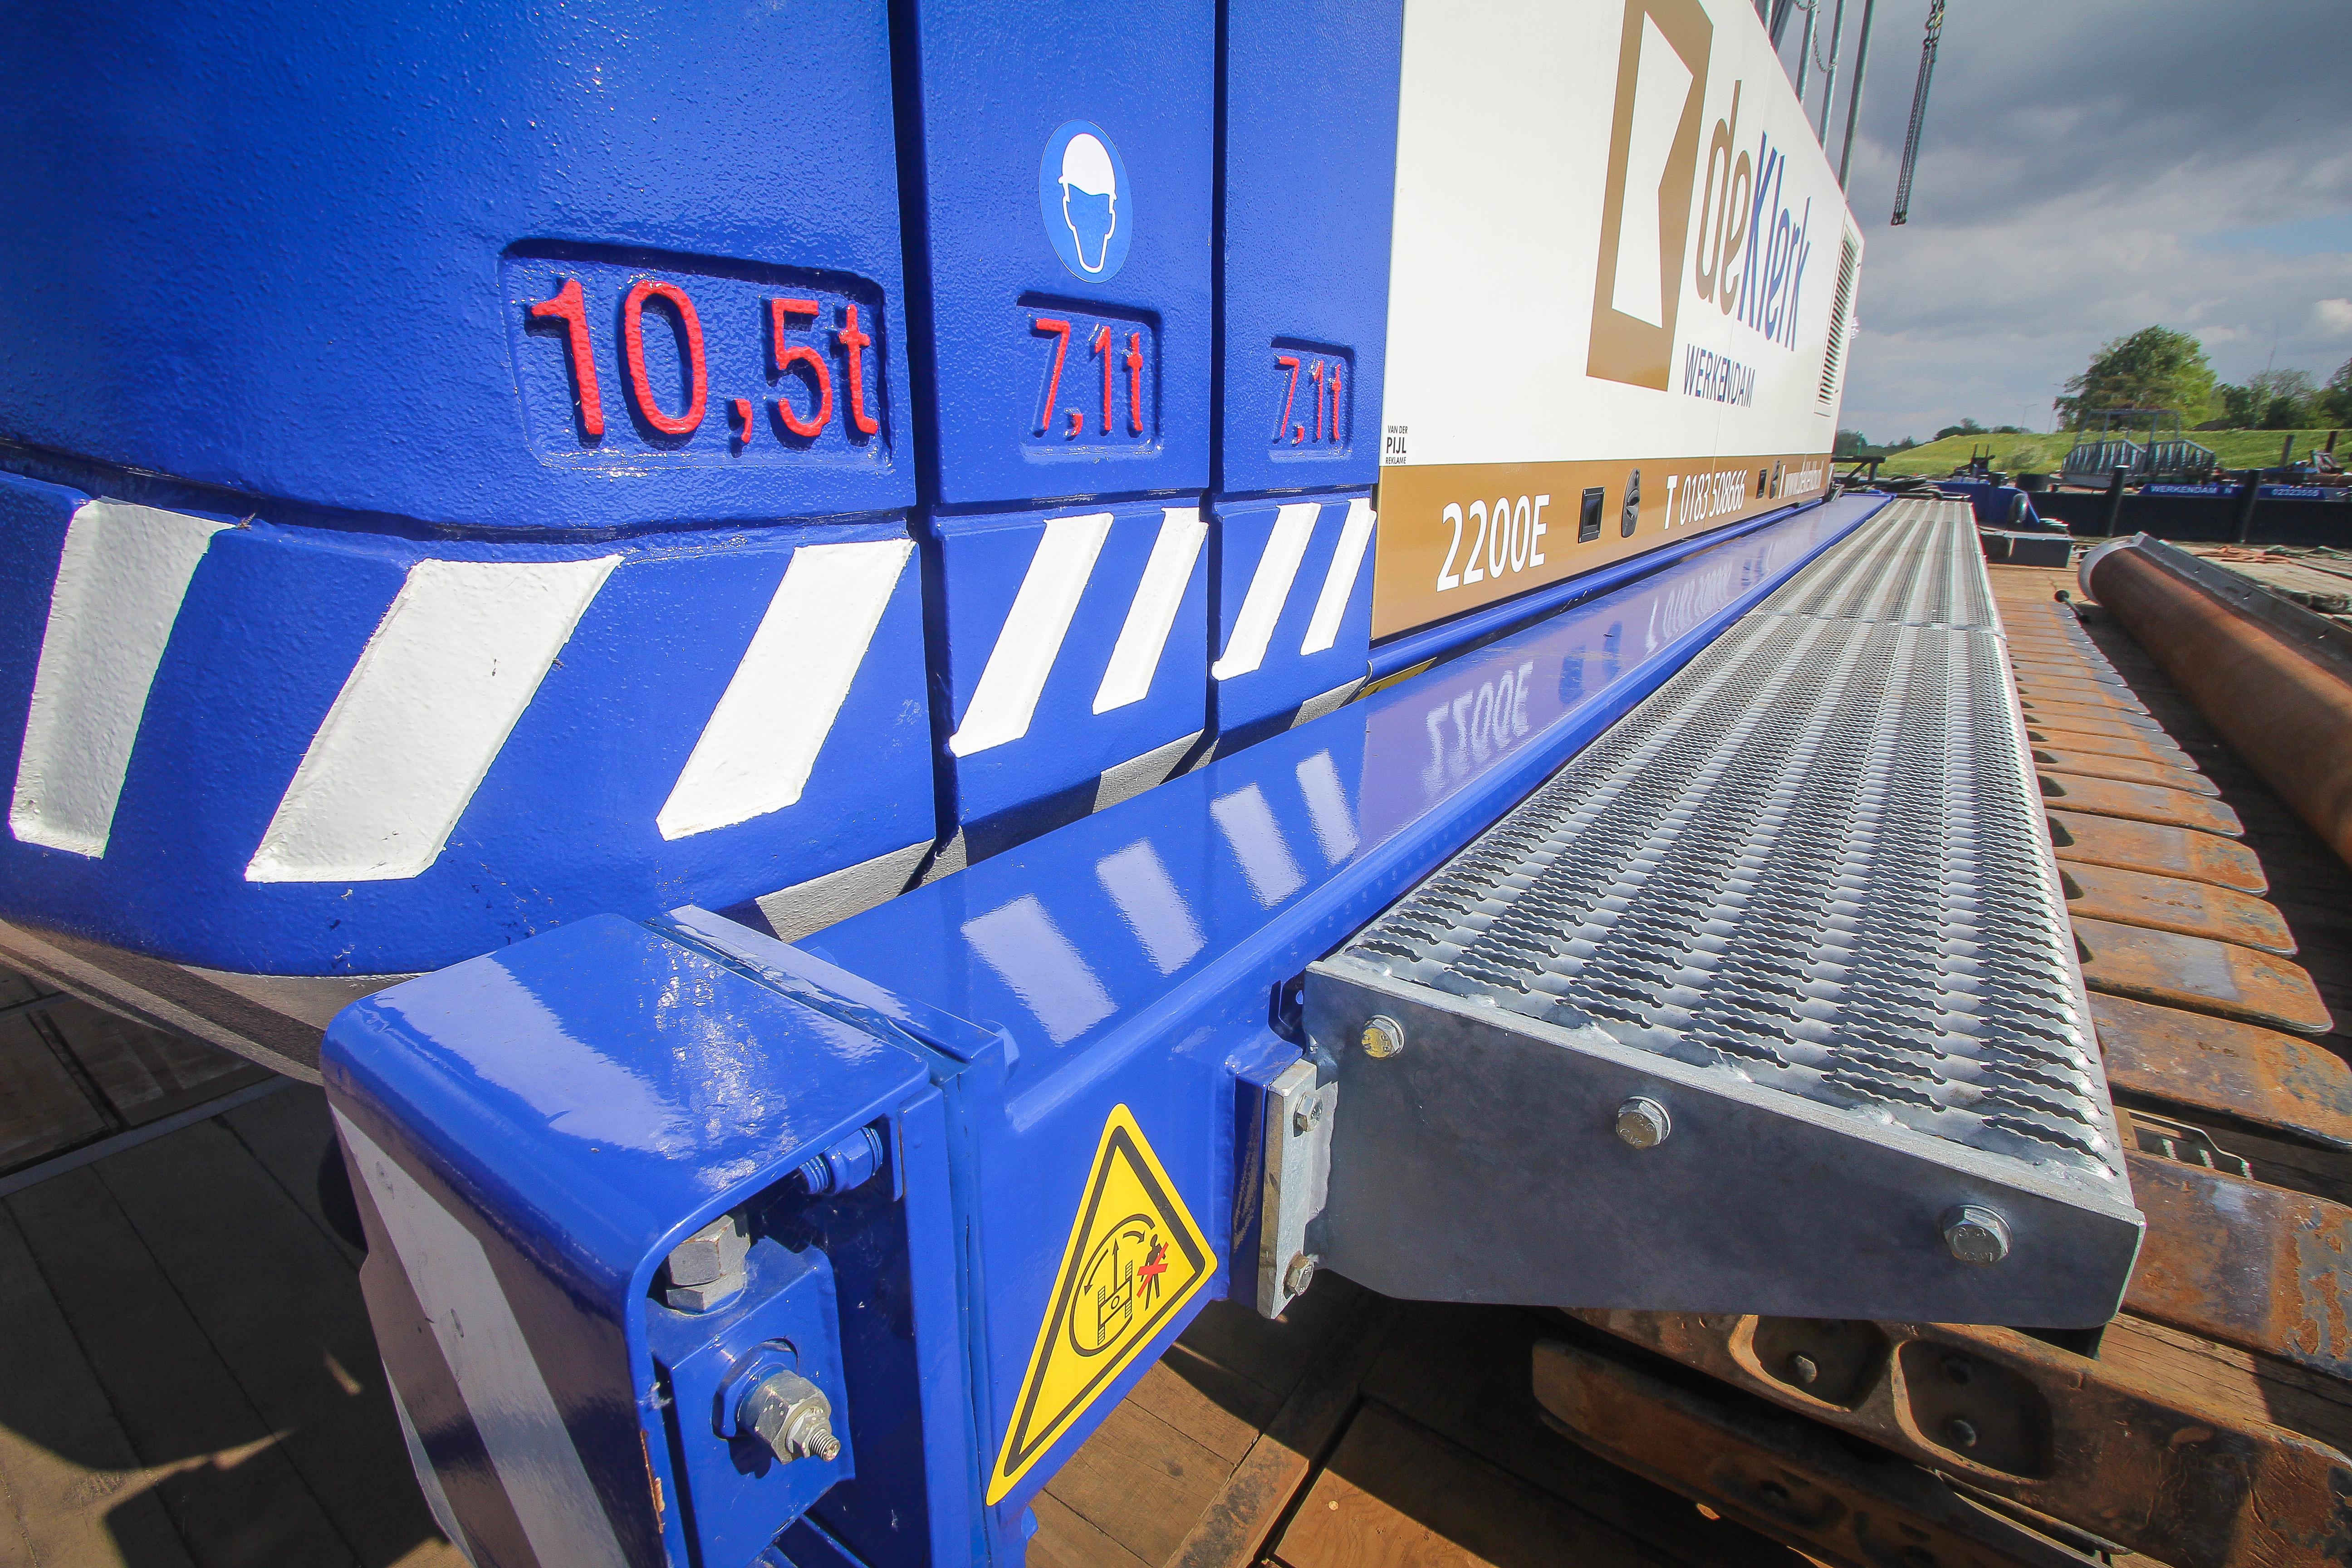 <p>De Sennebogen 2200E beschikt over een kleine 25 ton contragewicht. De fabrikant spoot de machine in de fabriek al in de bedrijfskleuren, inclusief een laag blanke lak. De treeplanken rondom zijn opgebouwd door Van den Heuvel.</p>